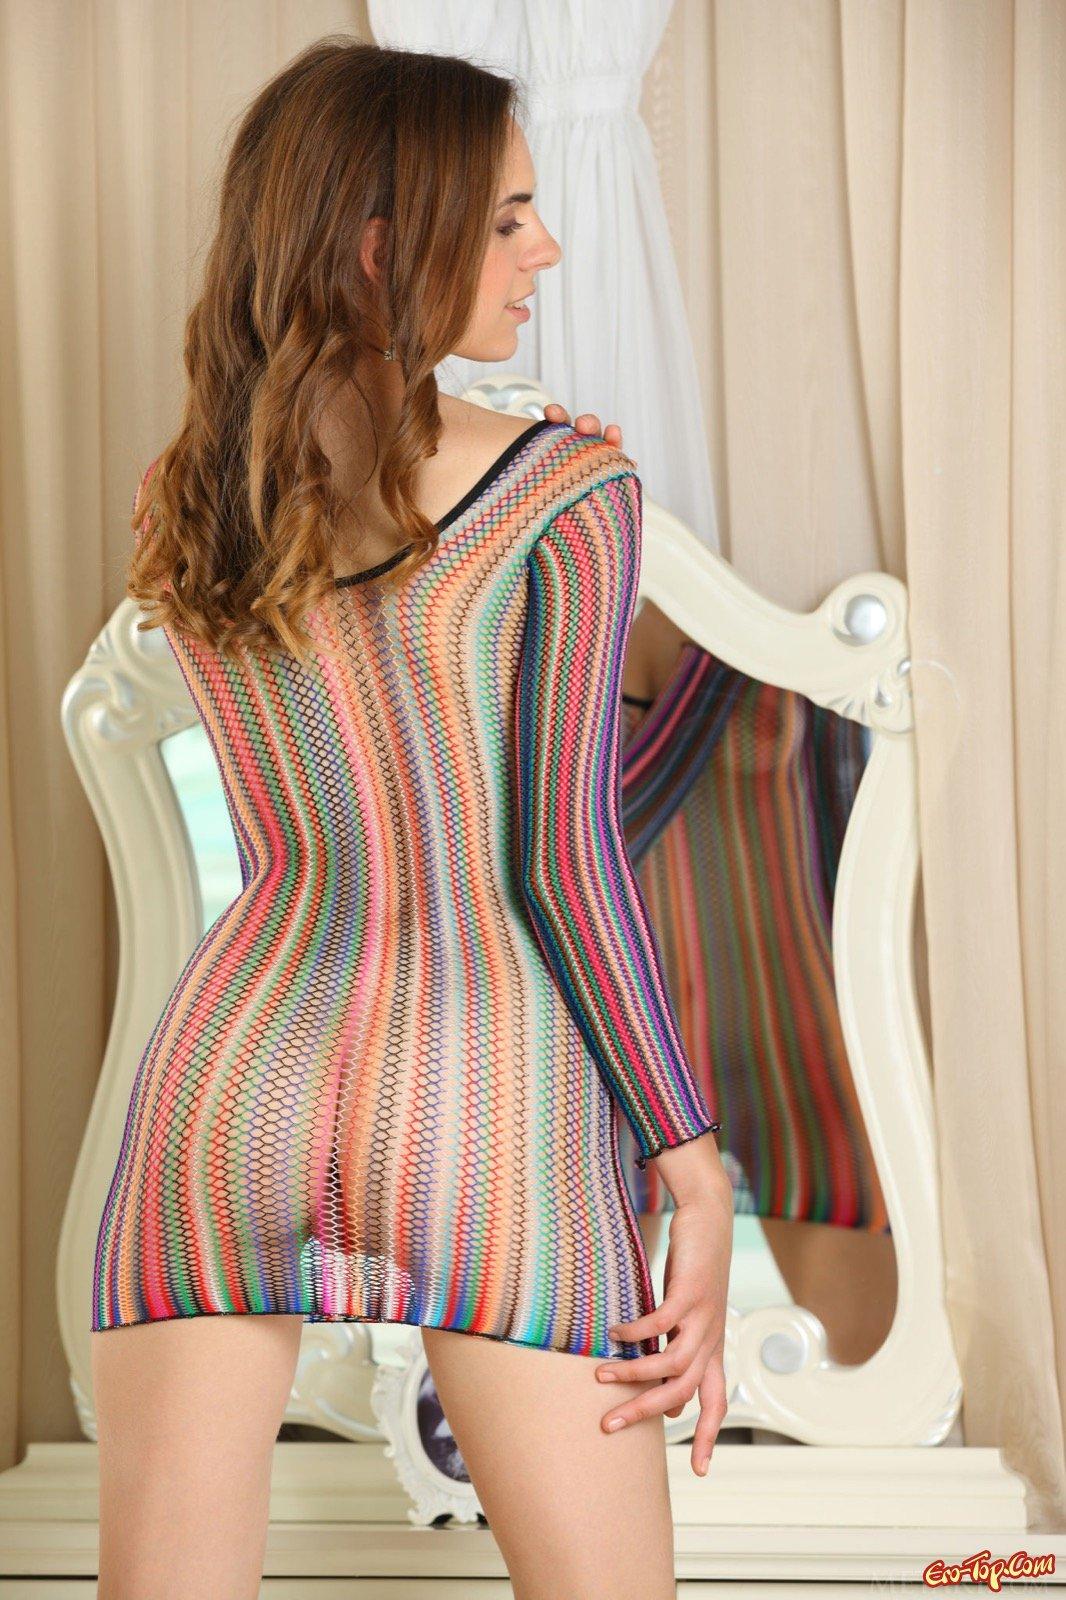 Одела сарафан на голое тело изменишь